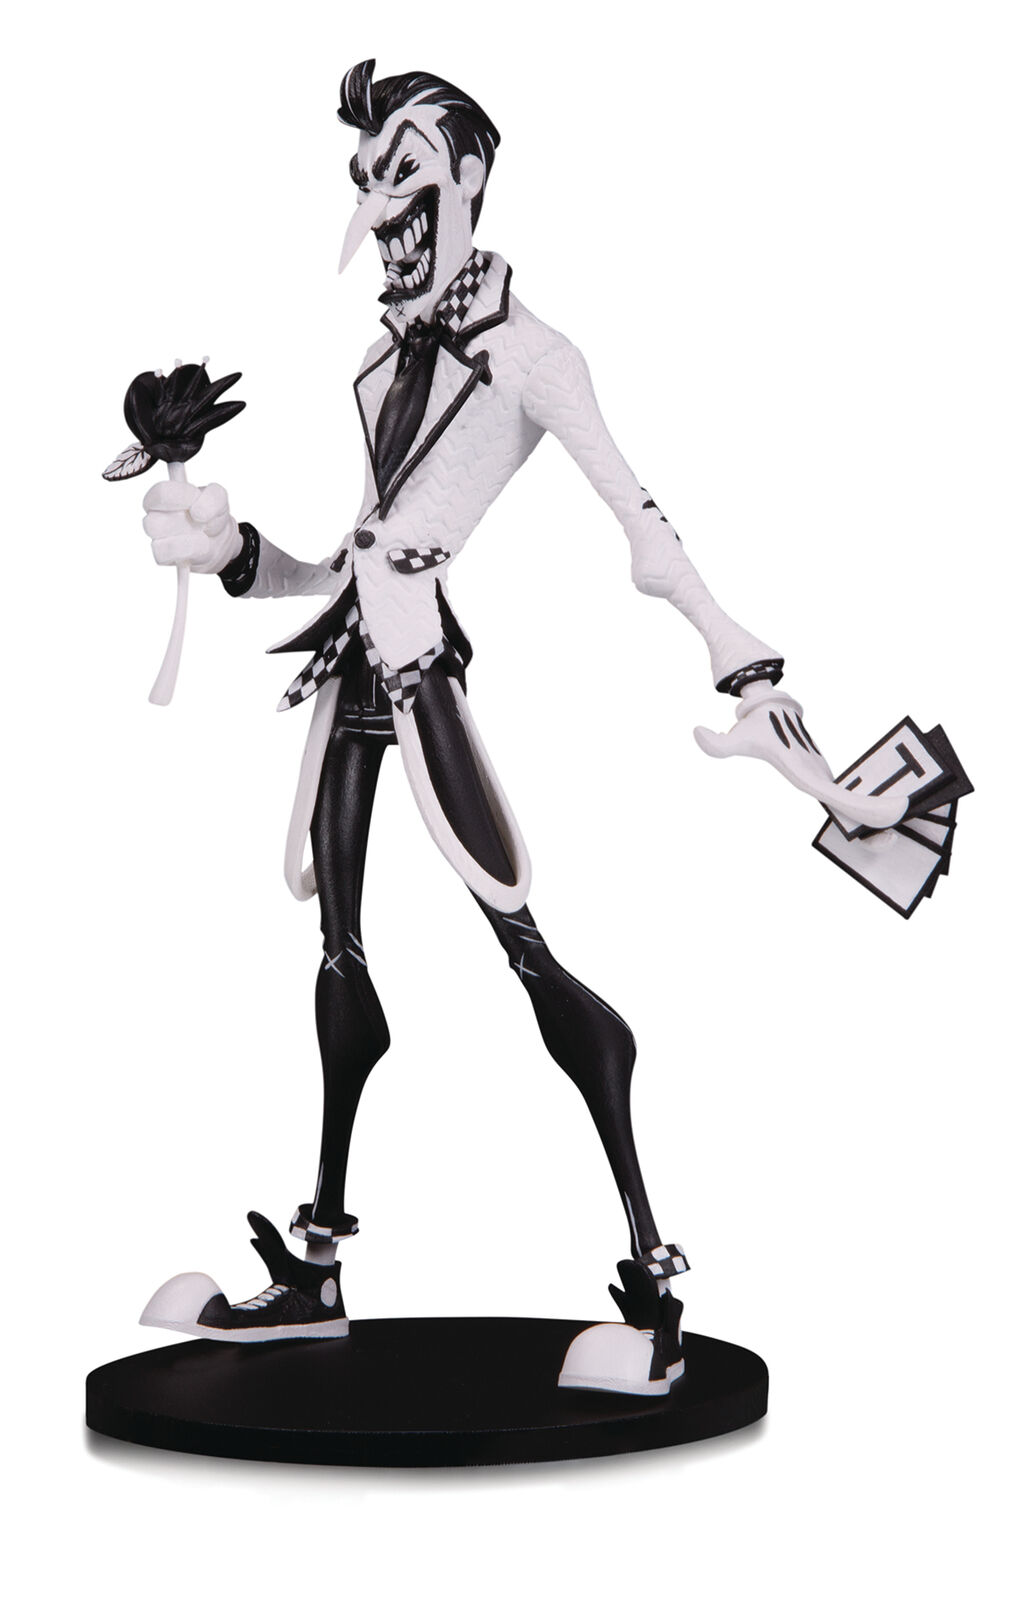 Dc Artistes Allée - le Joker par Nooligan - Noir et Blanc Figurine en Vinyle